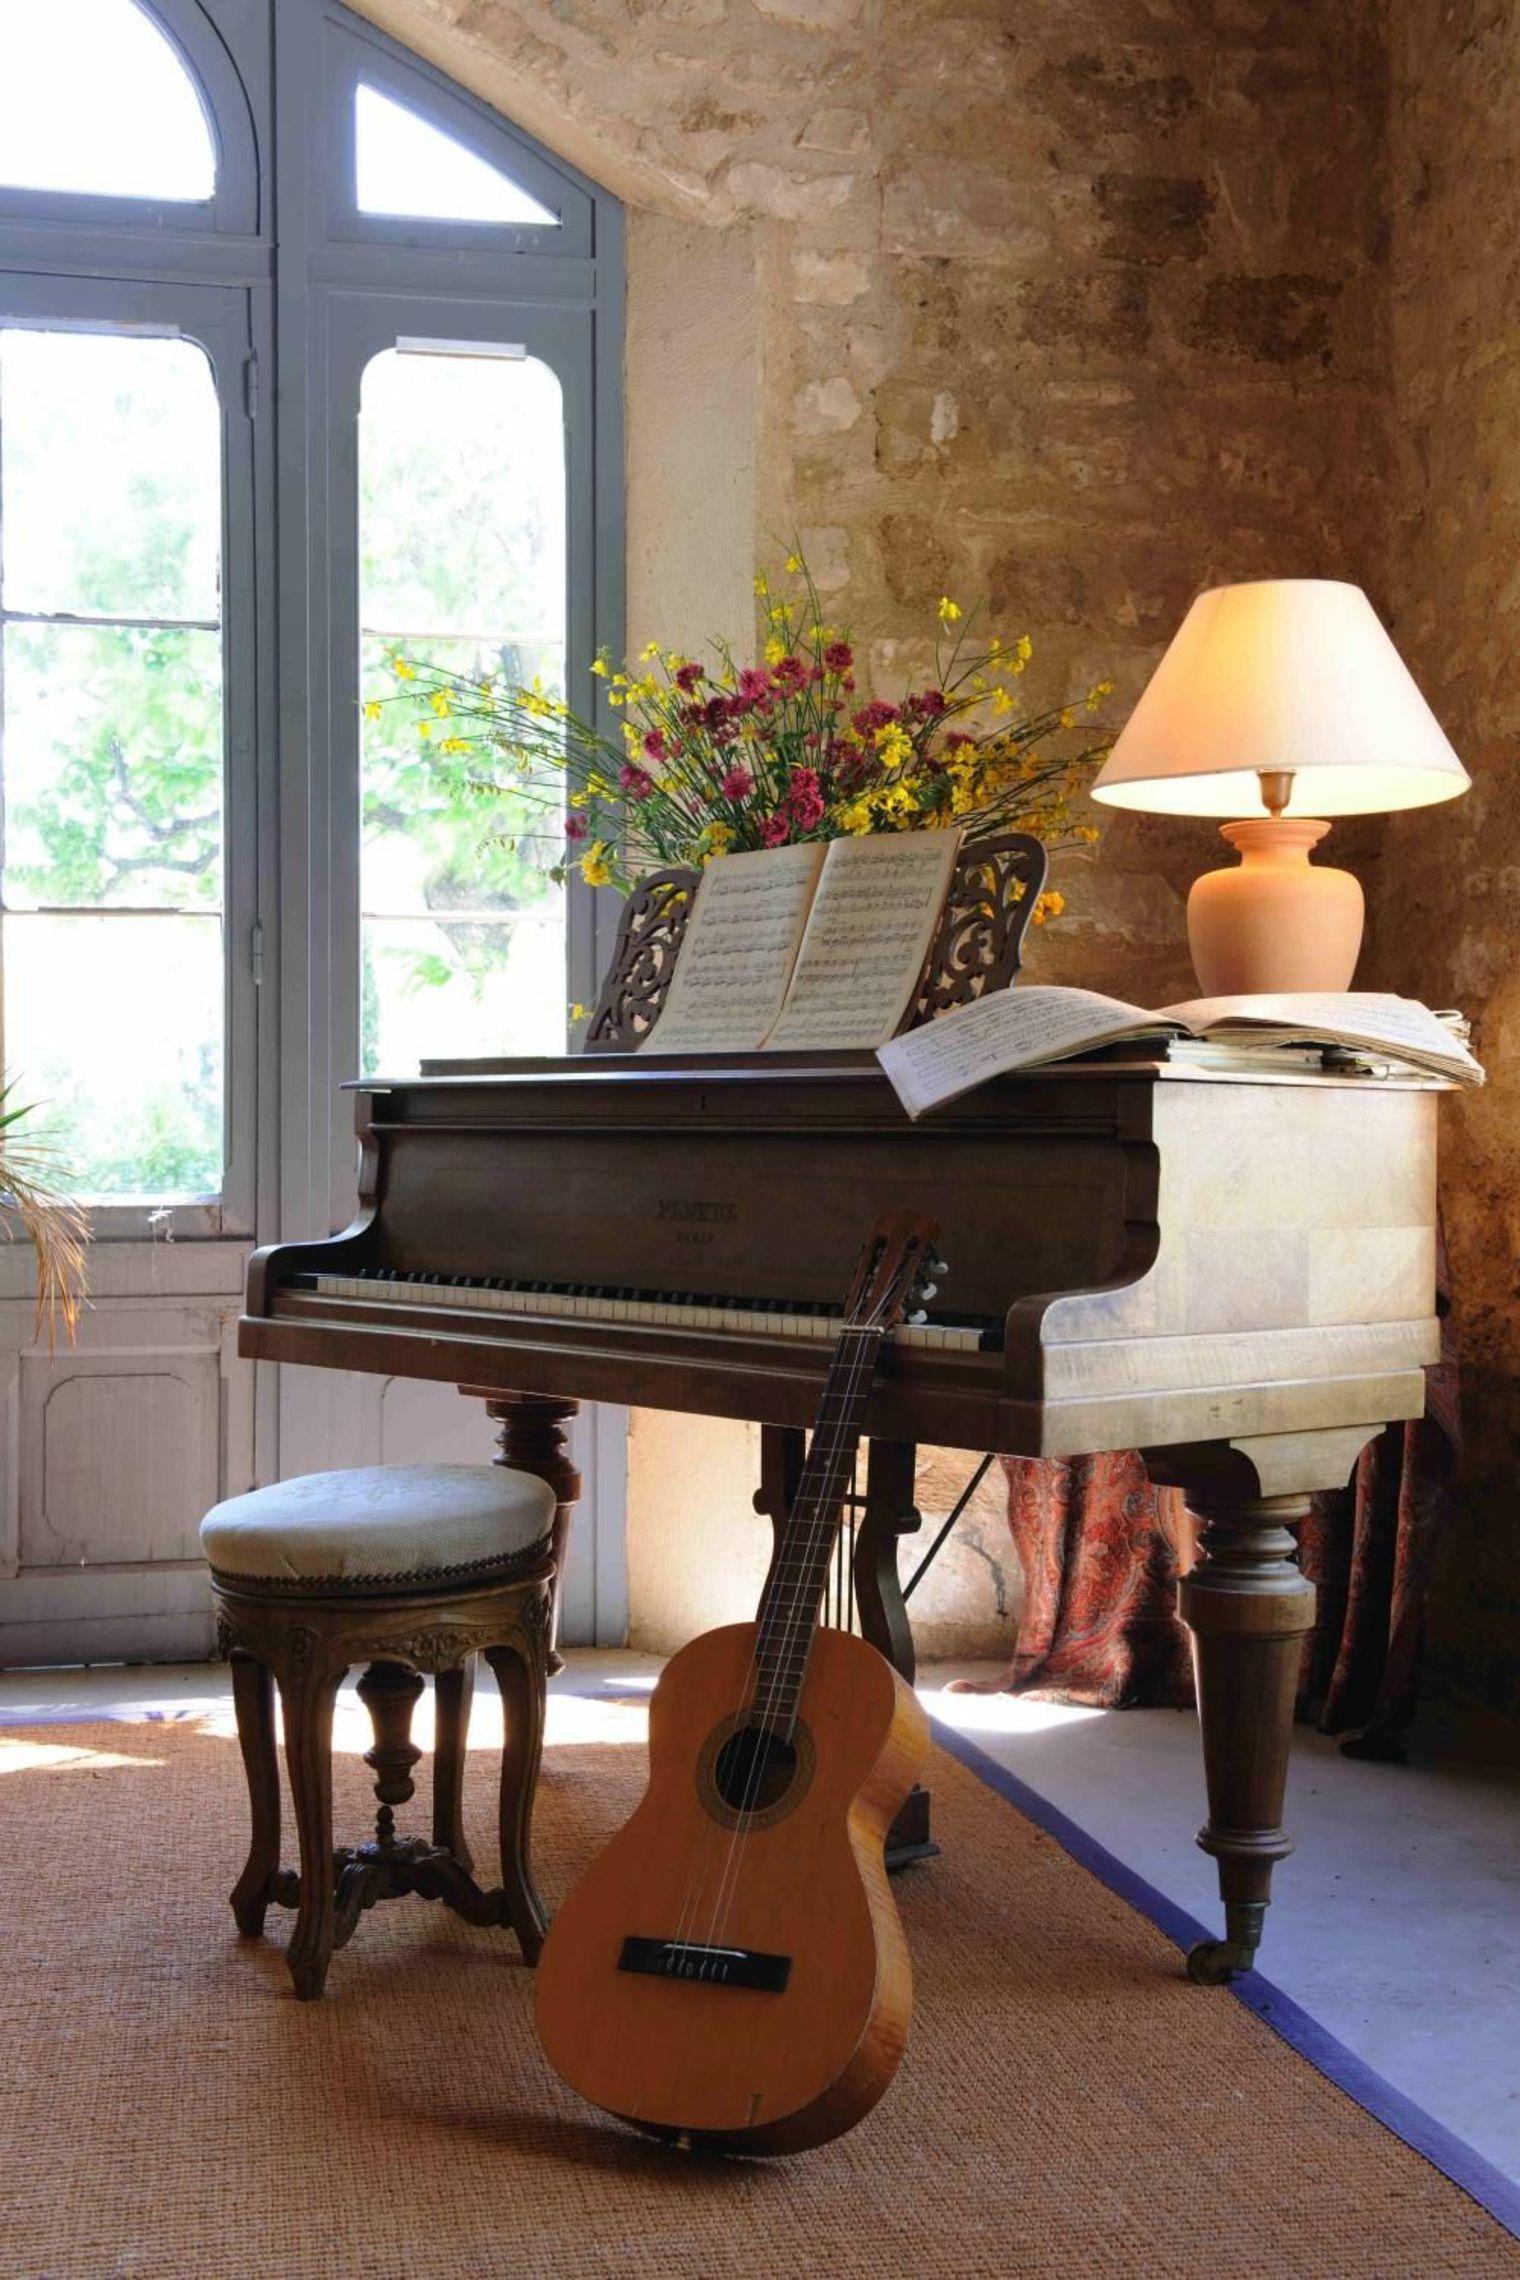 decorare-casa-con-strumento-musicale-3